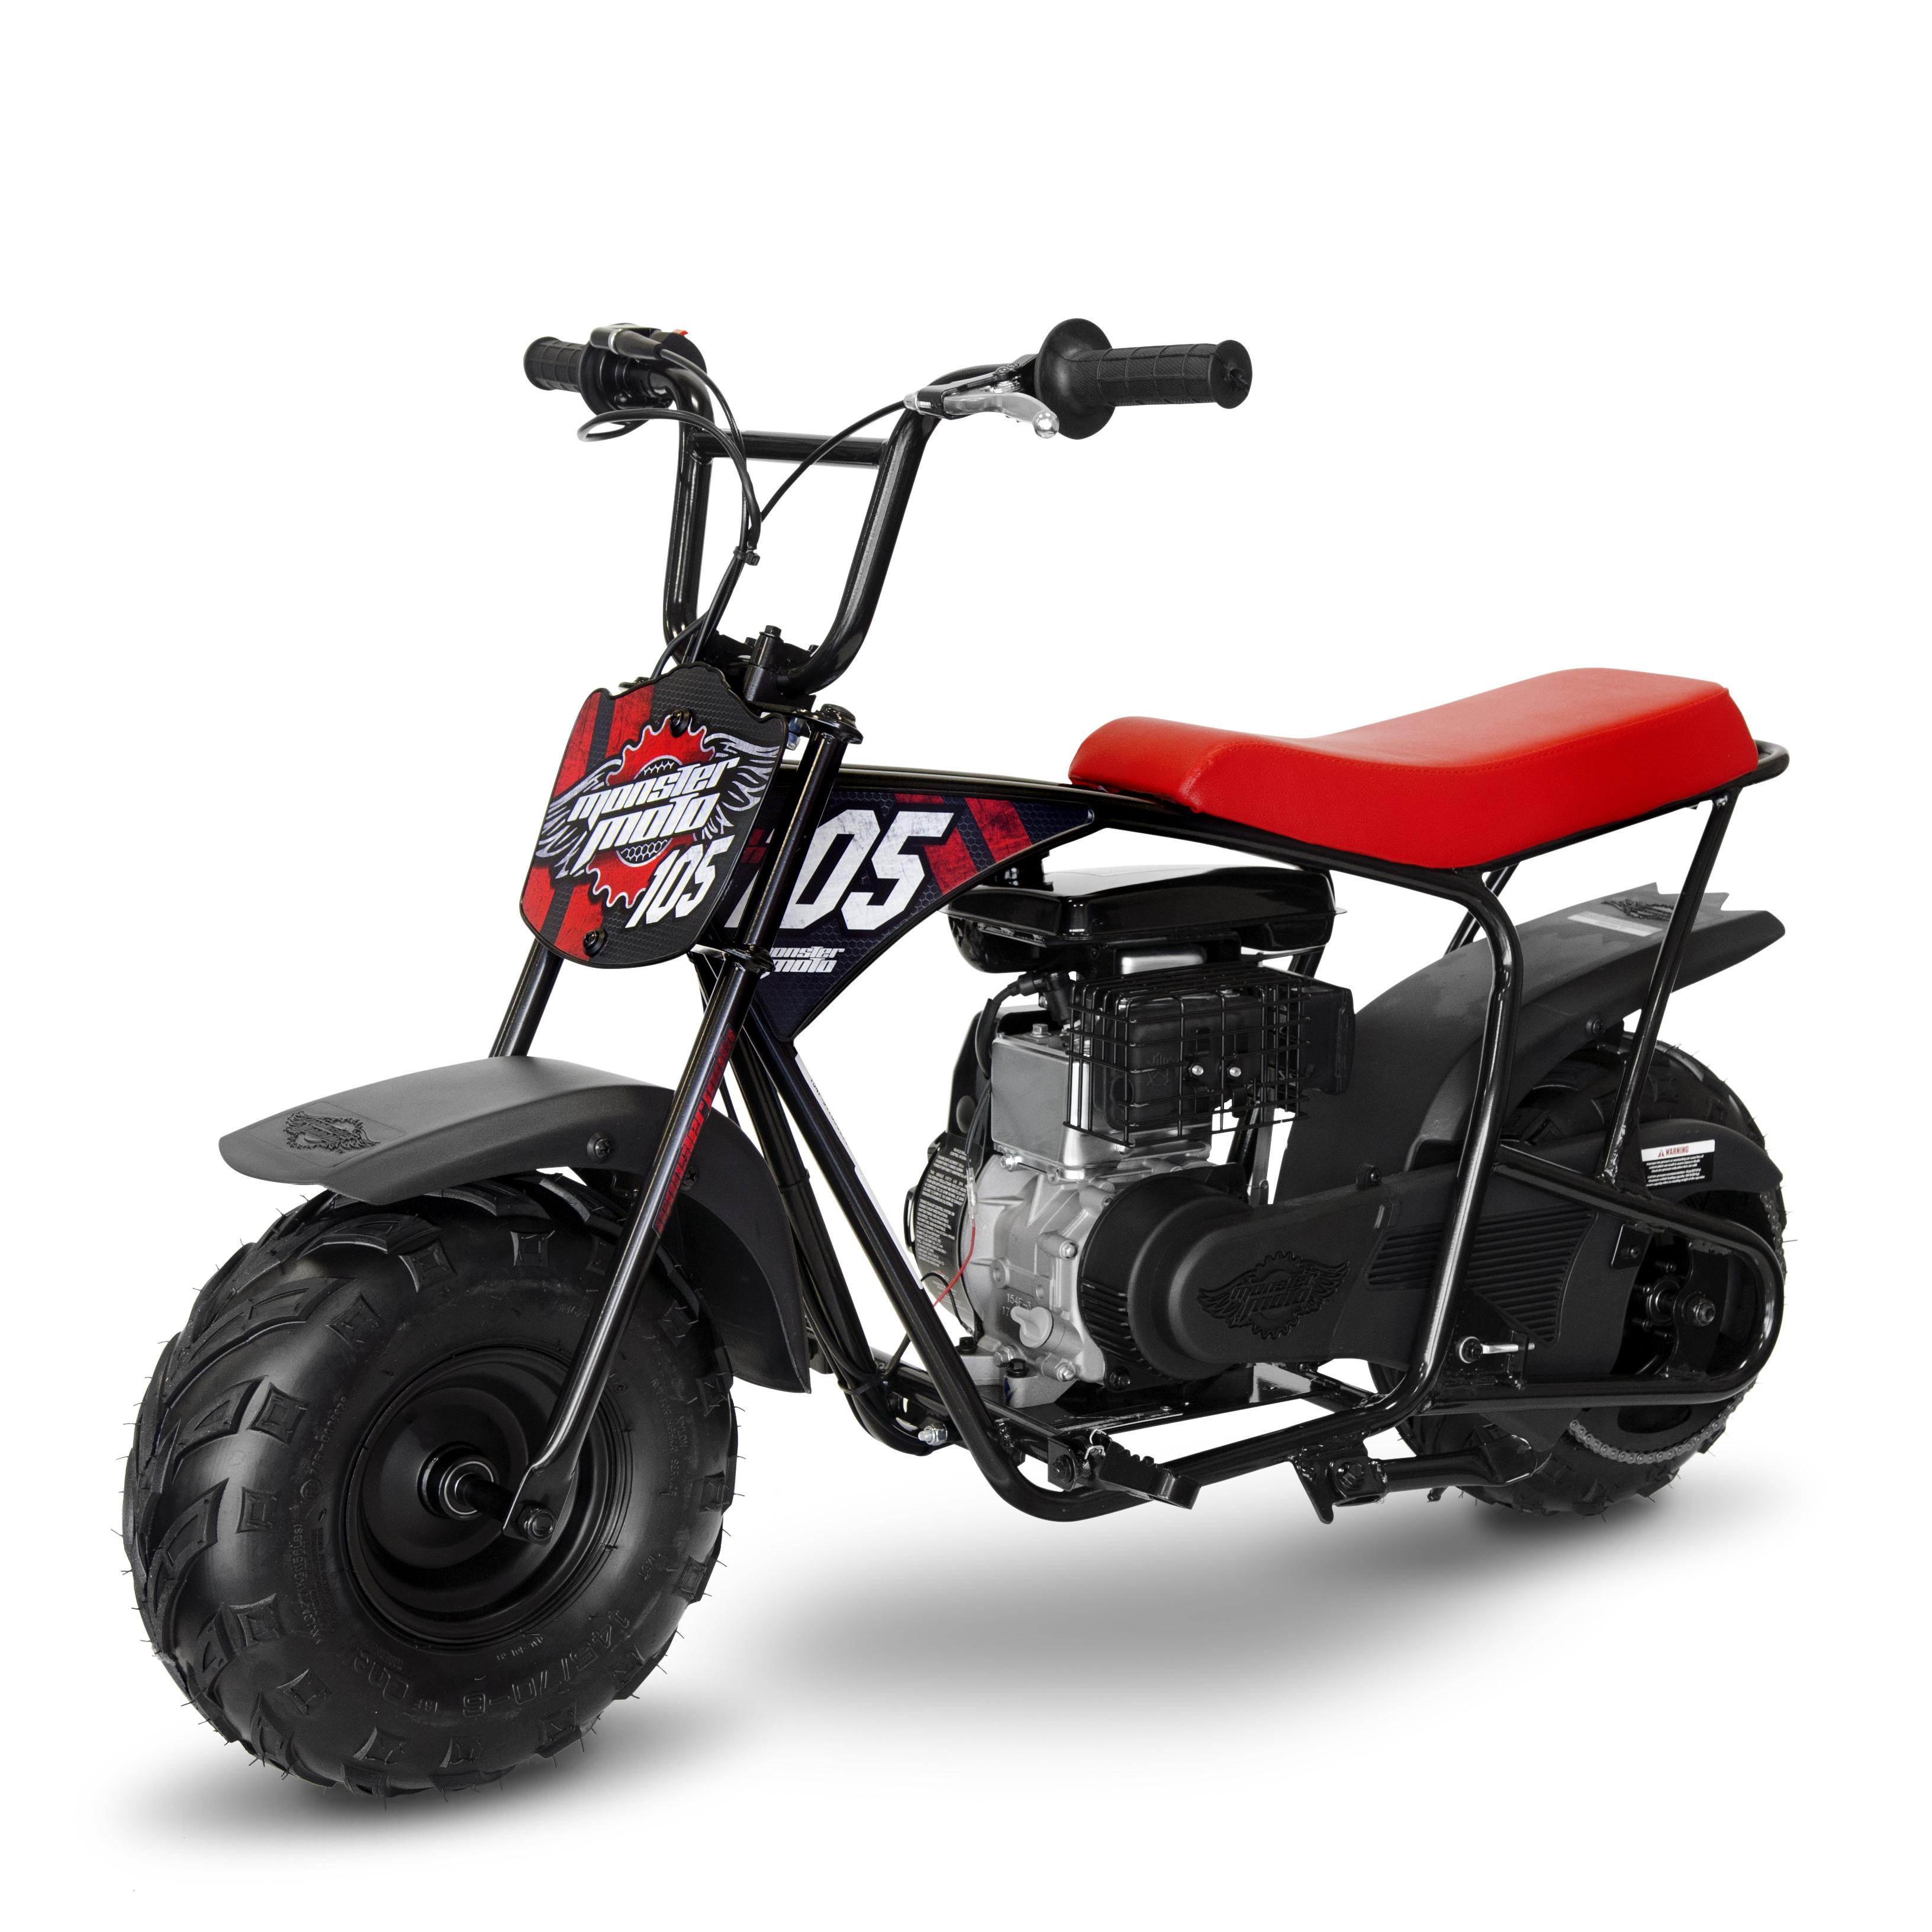 Mega Moto Gas Mini Bike Red & Black 105cc